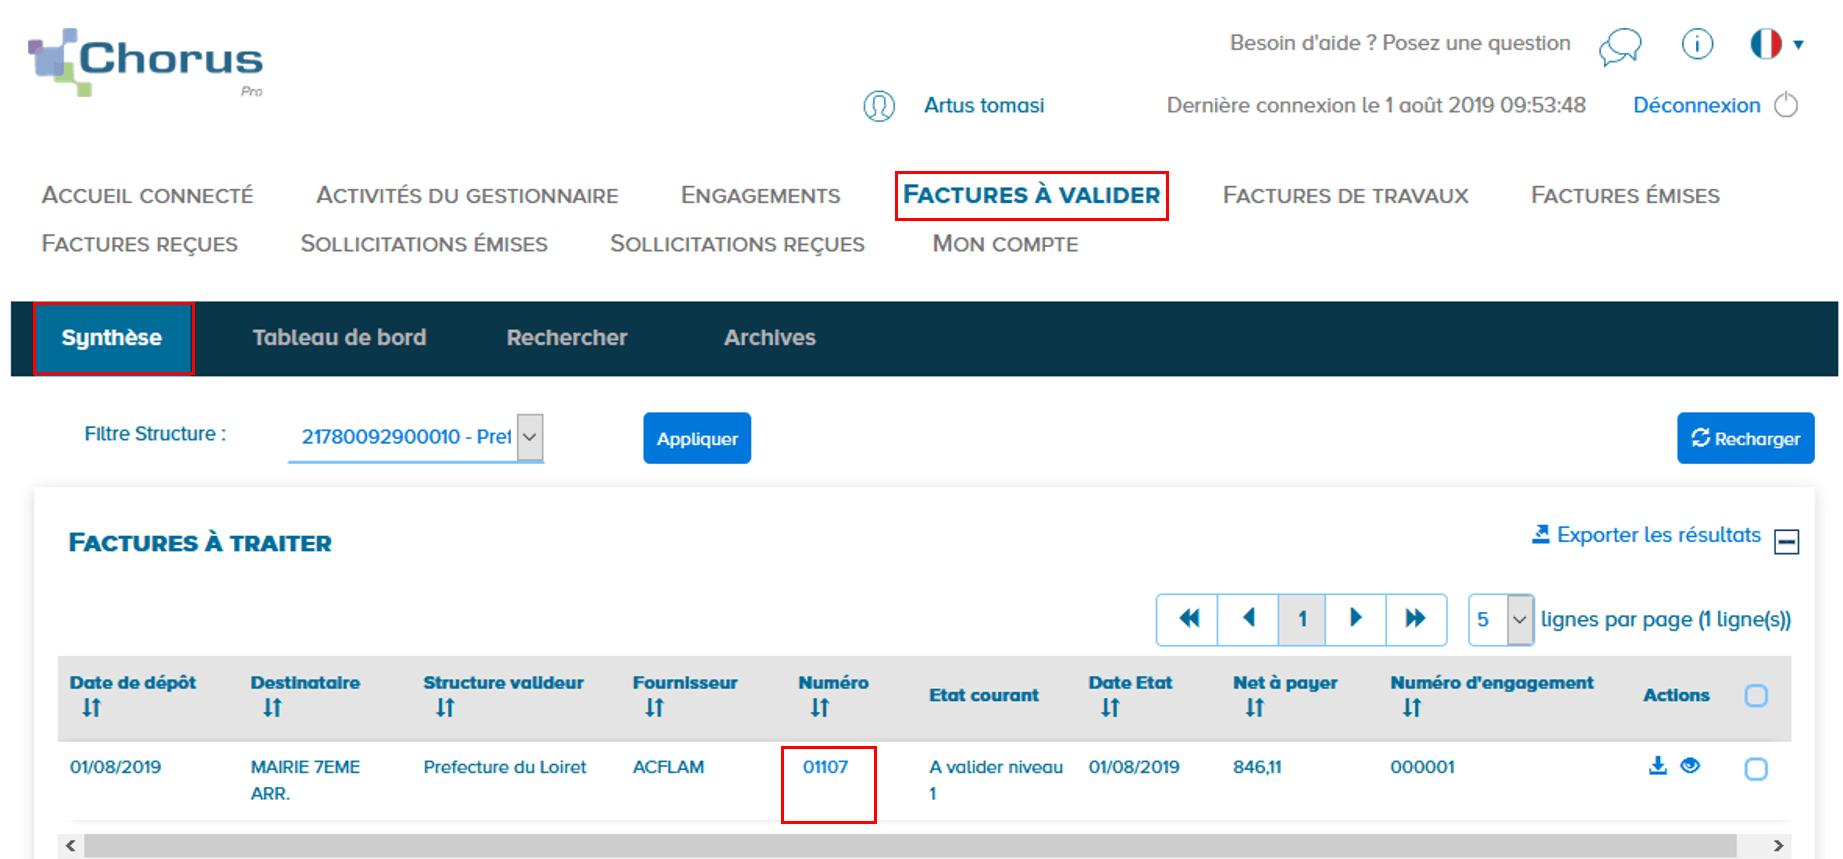 Ecran présentant la synthèse des factures à valider